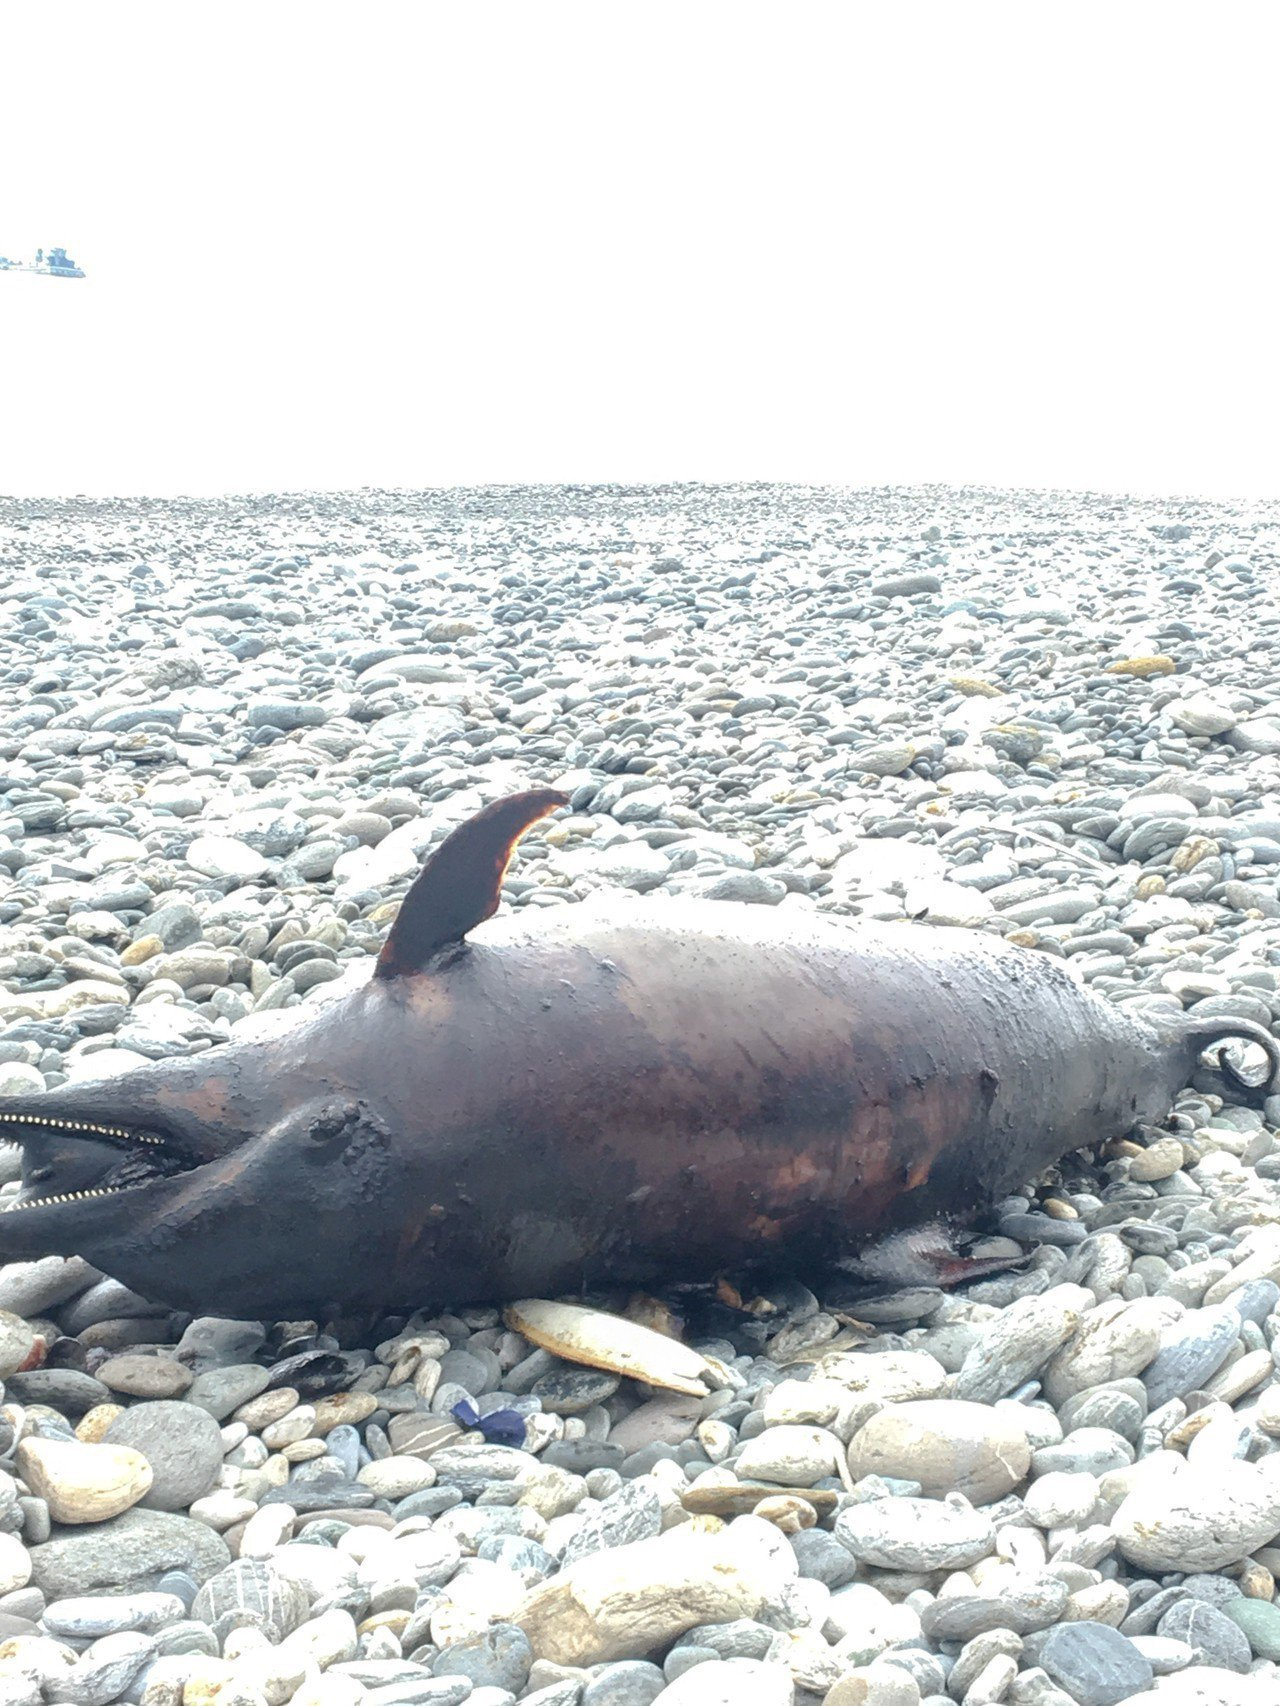 花蓮縣秀林鄉崇德海域今天近午驚見一隻瓶鼻海豚擱淺死亡。圖/海巡提供